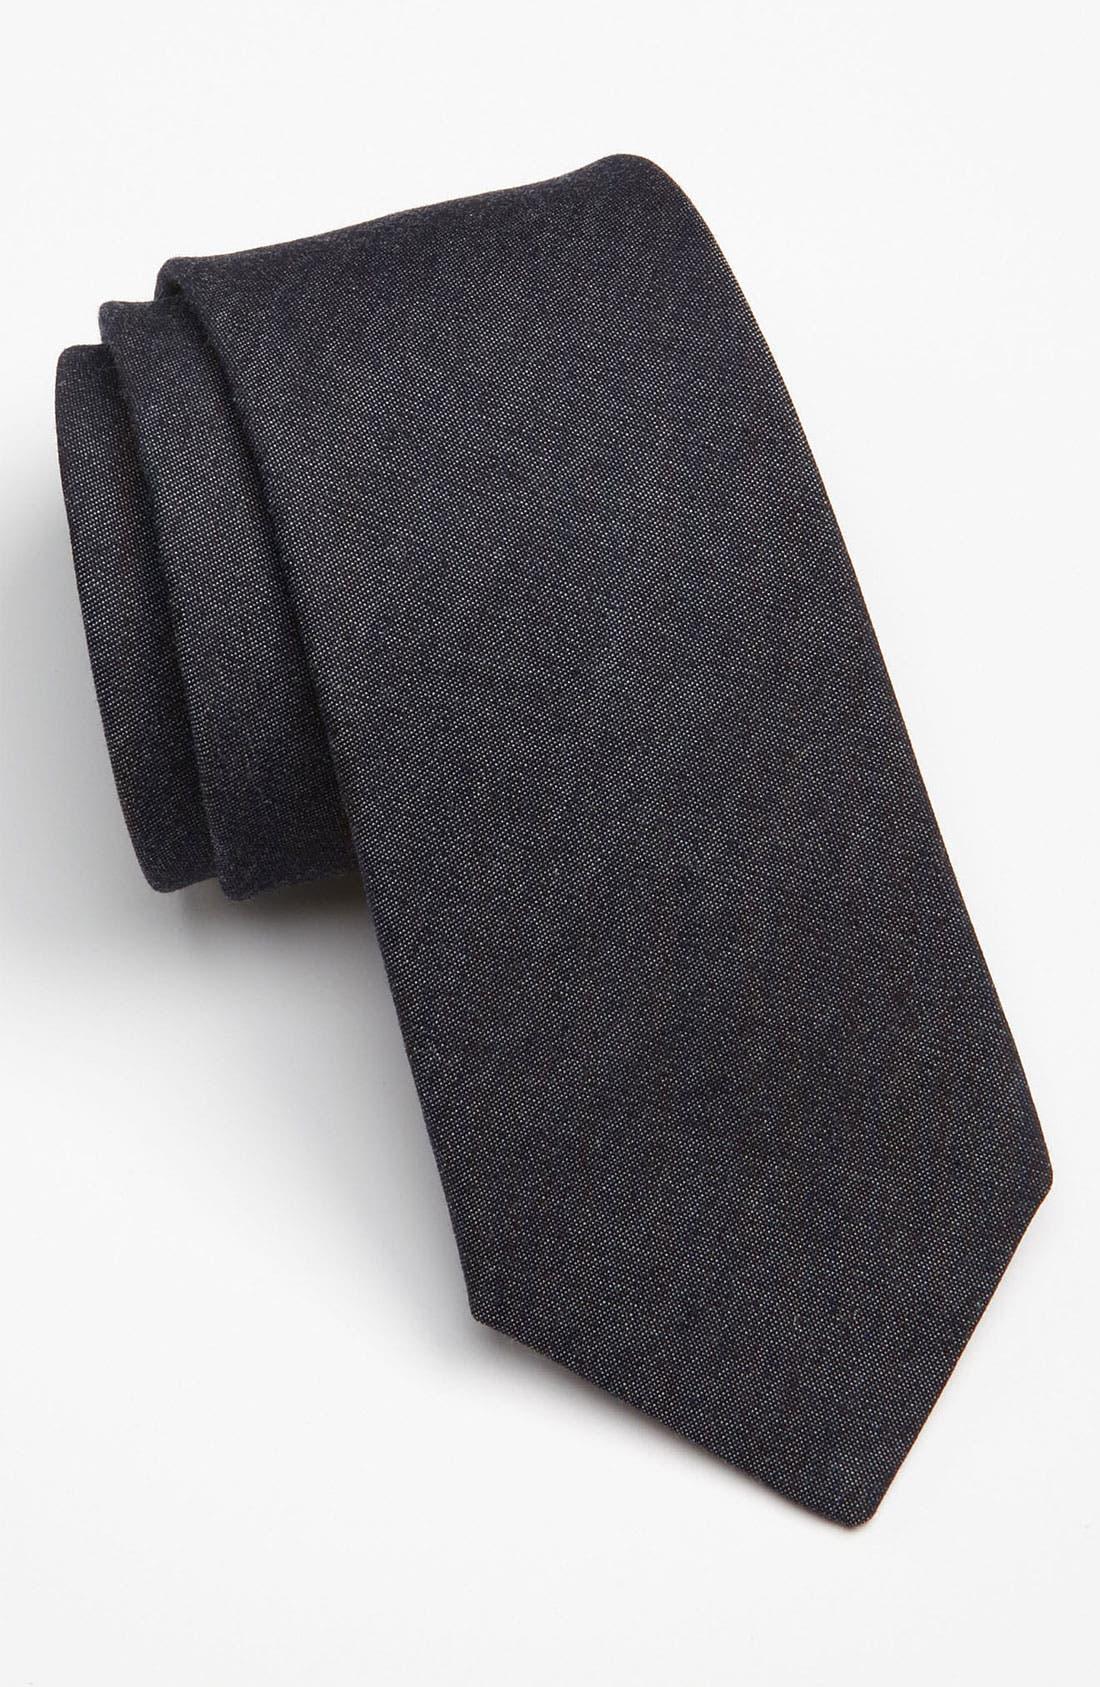 Main Image - Gitman Woven Tie (Online Exclusive)